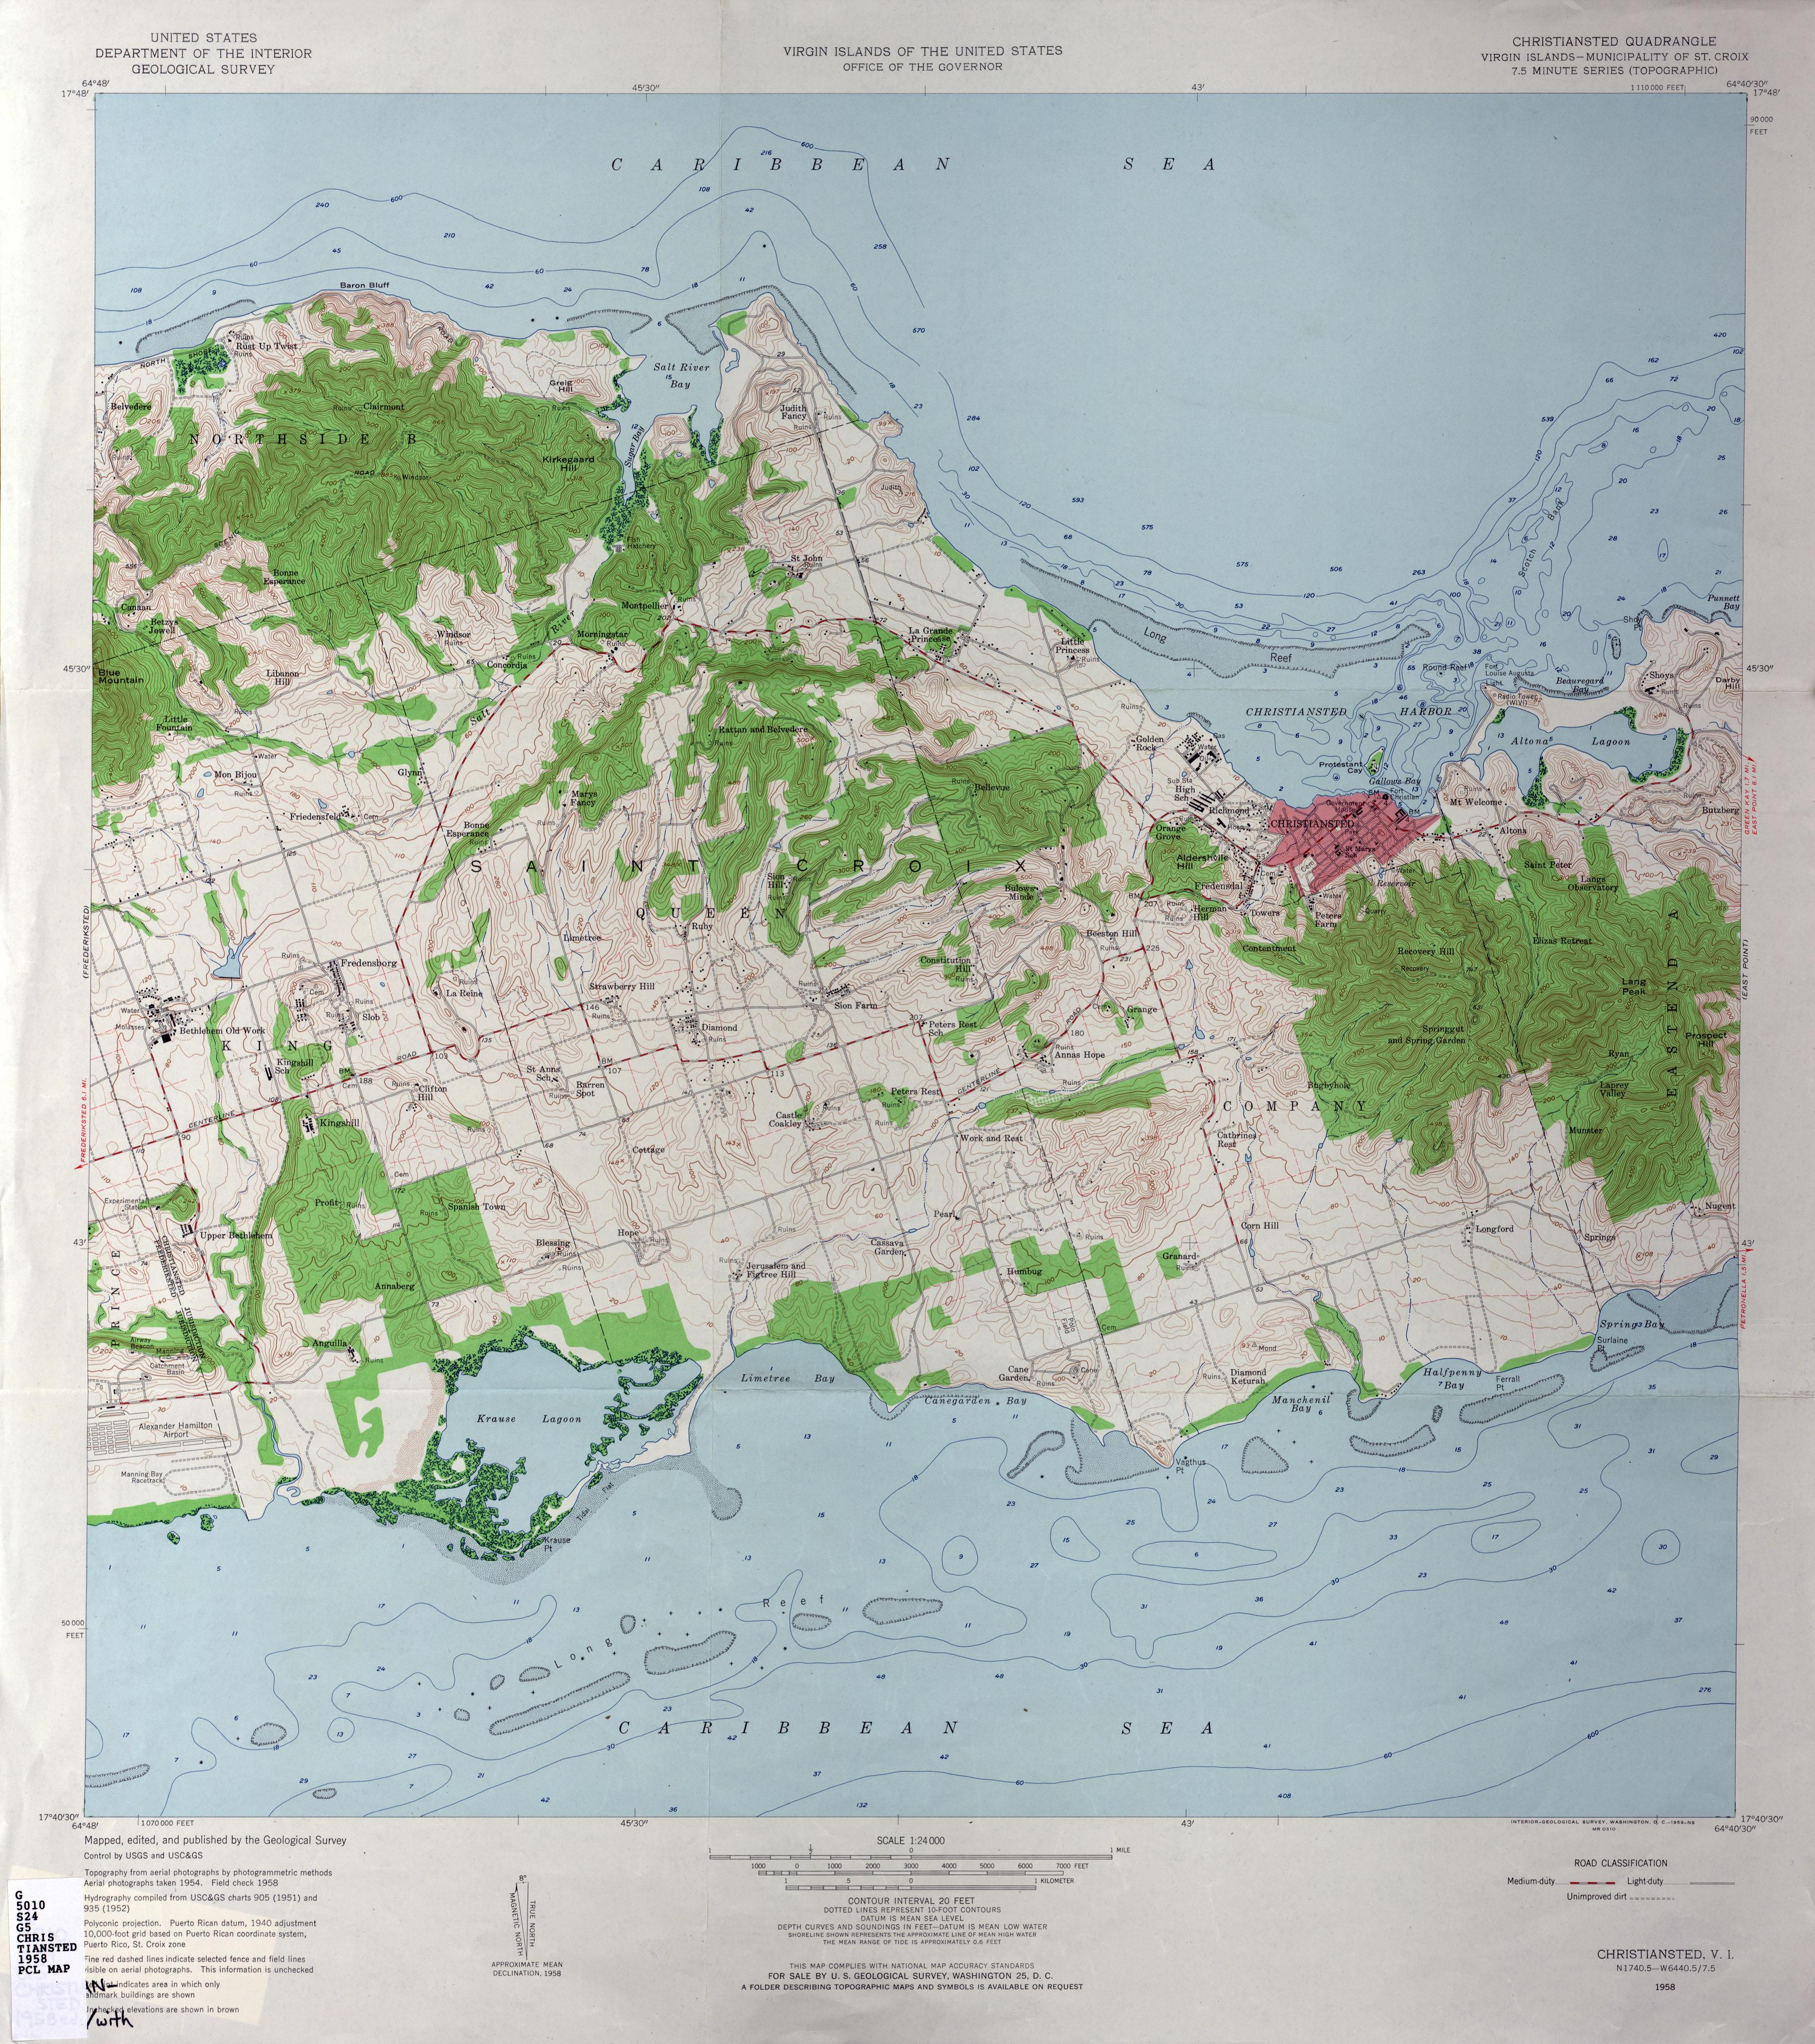 US Virgin Islands Topographic Maps PerryCastañeda Map - Map of st croix us virgin islands